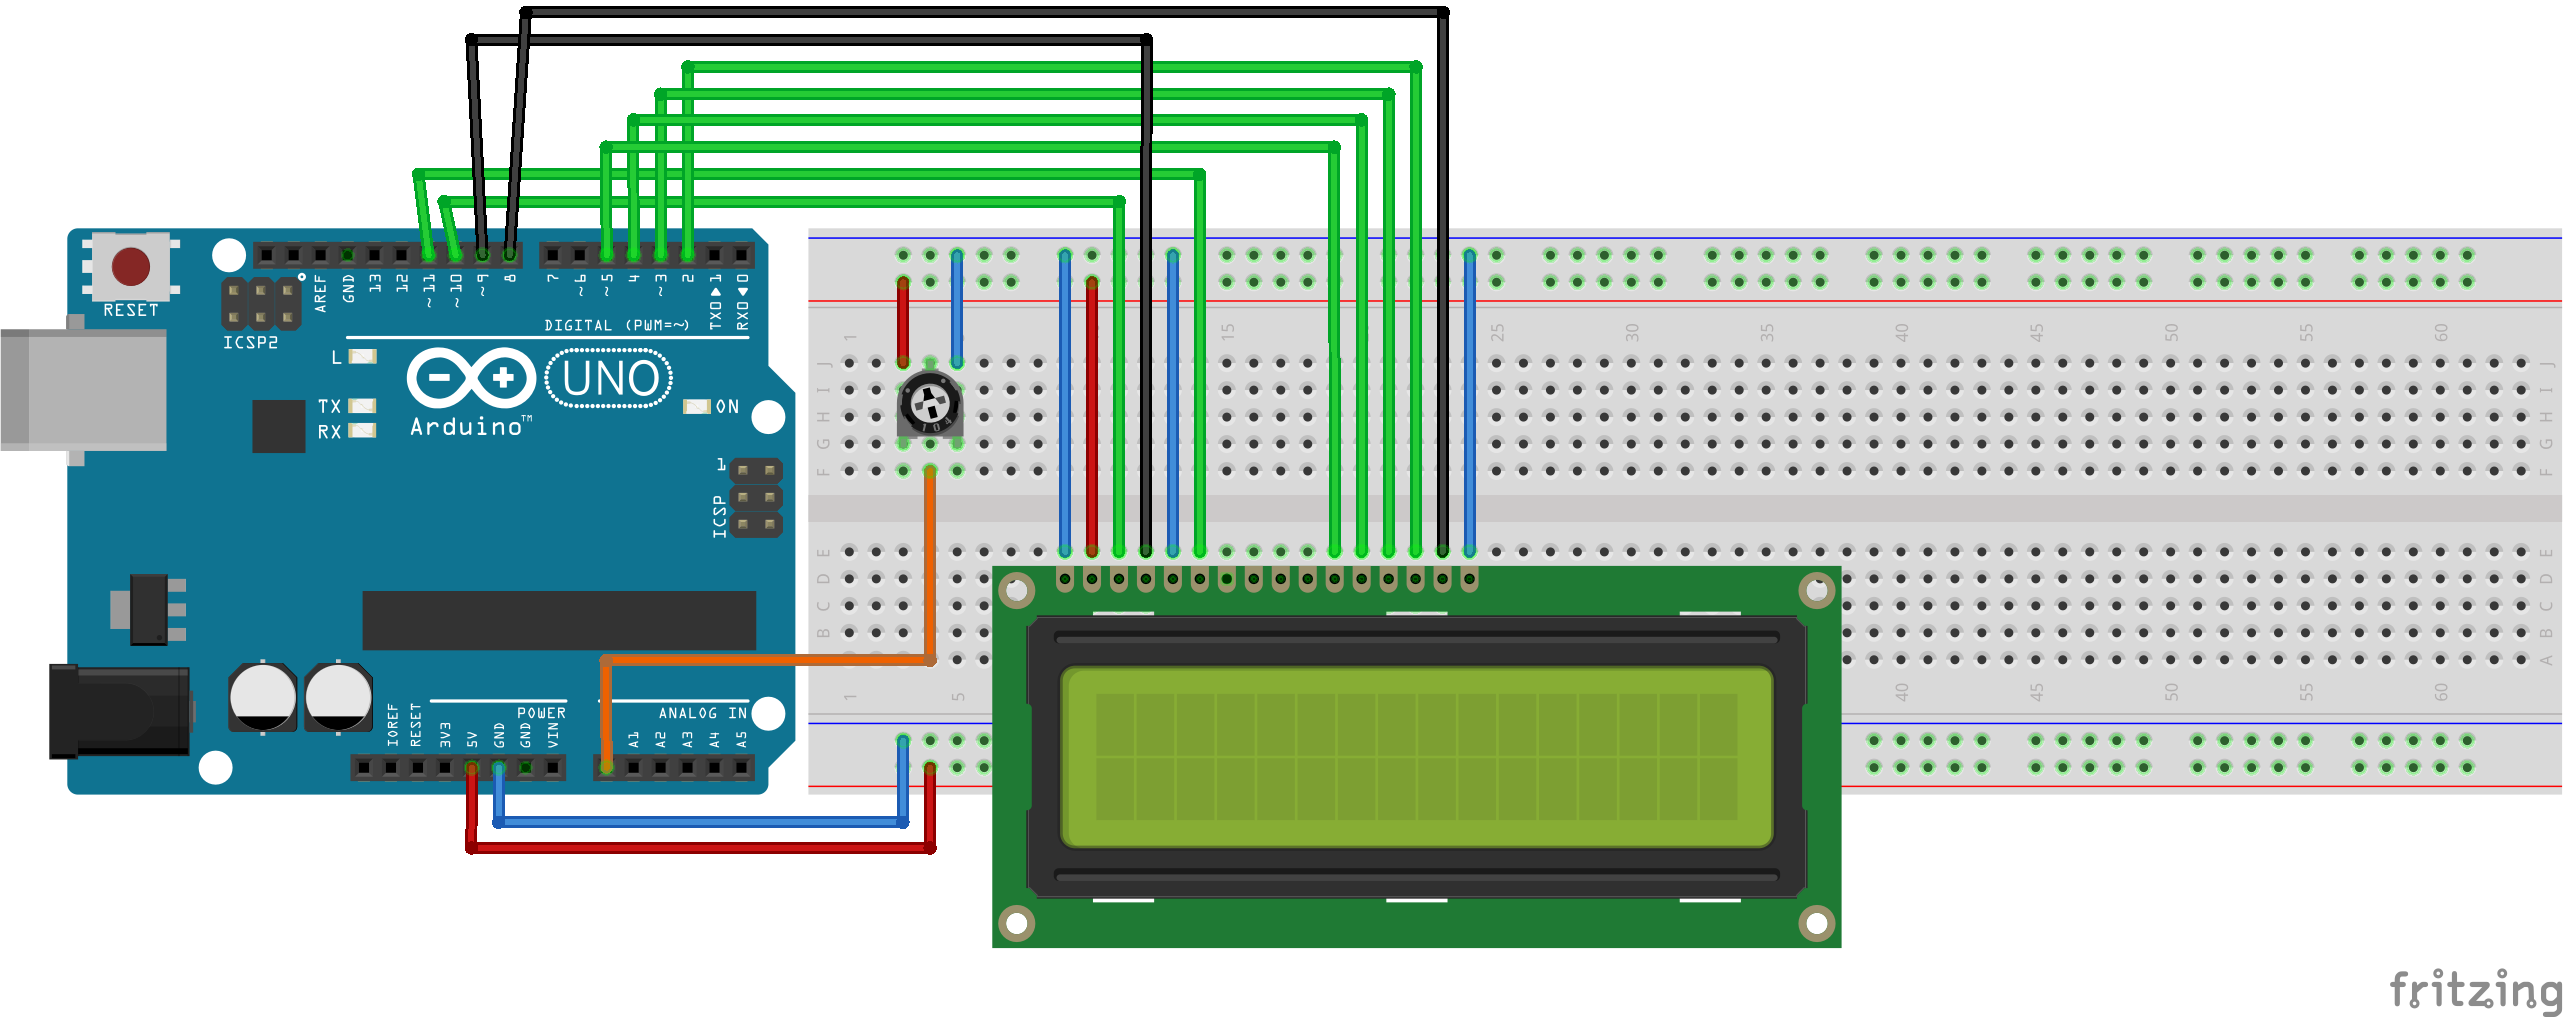 Lcd Backlight And Contrast Control Wiring Arduino Kontrast Und Hintergrund Steckplatine Yslxoewazh